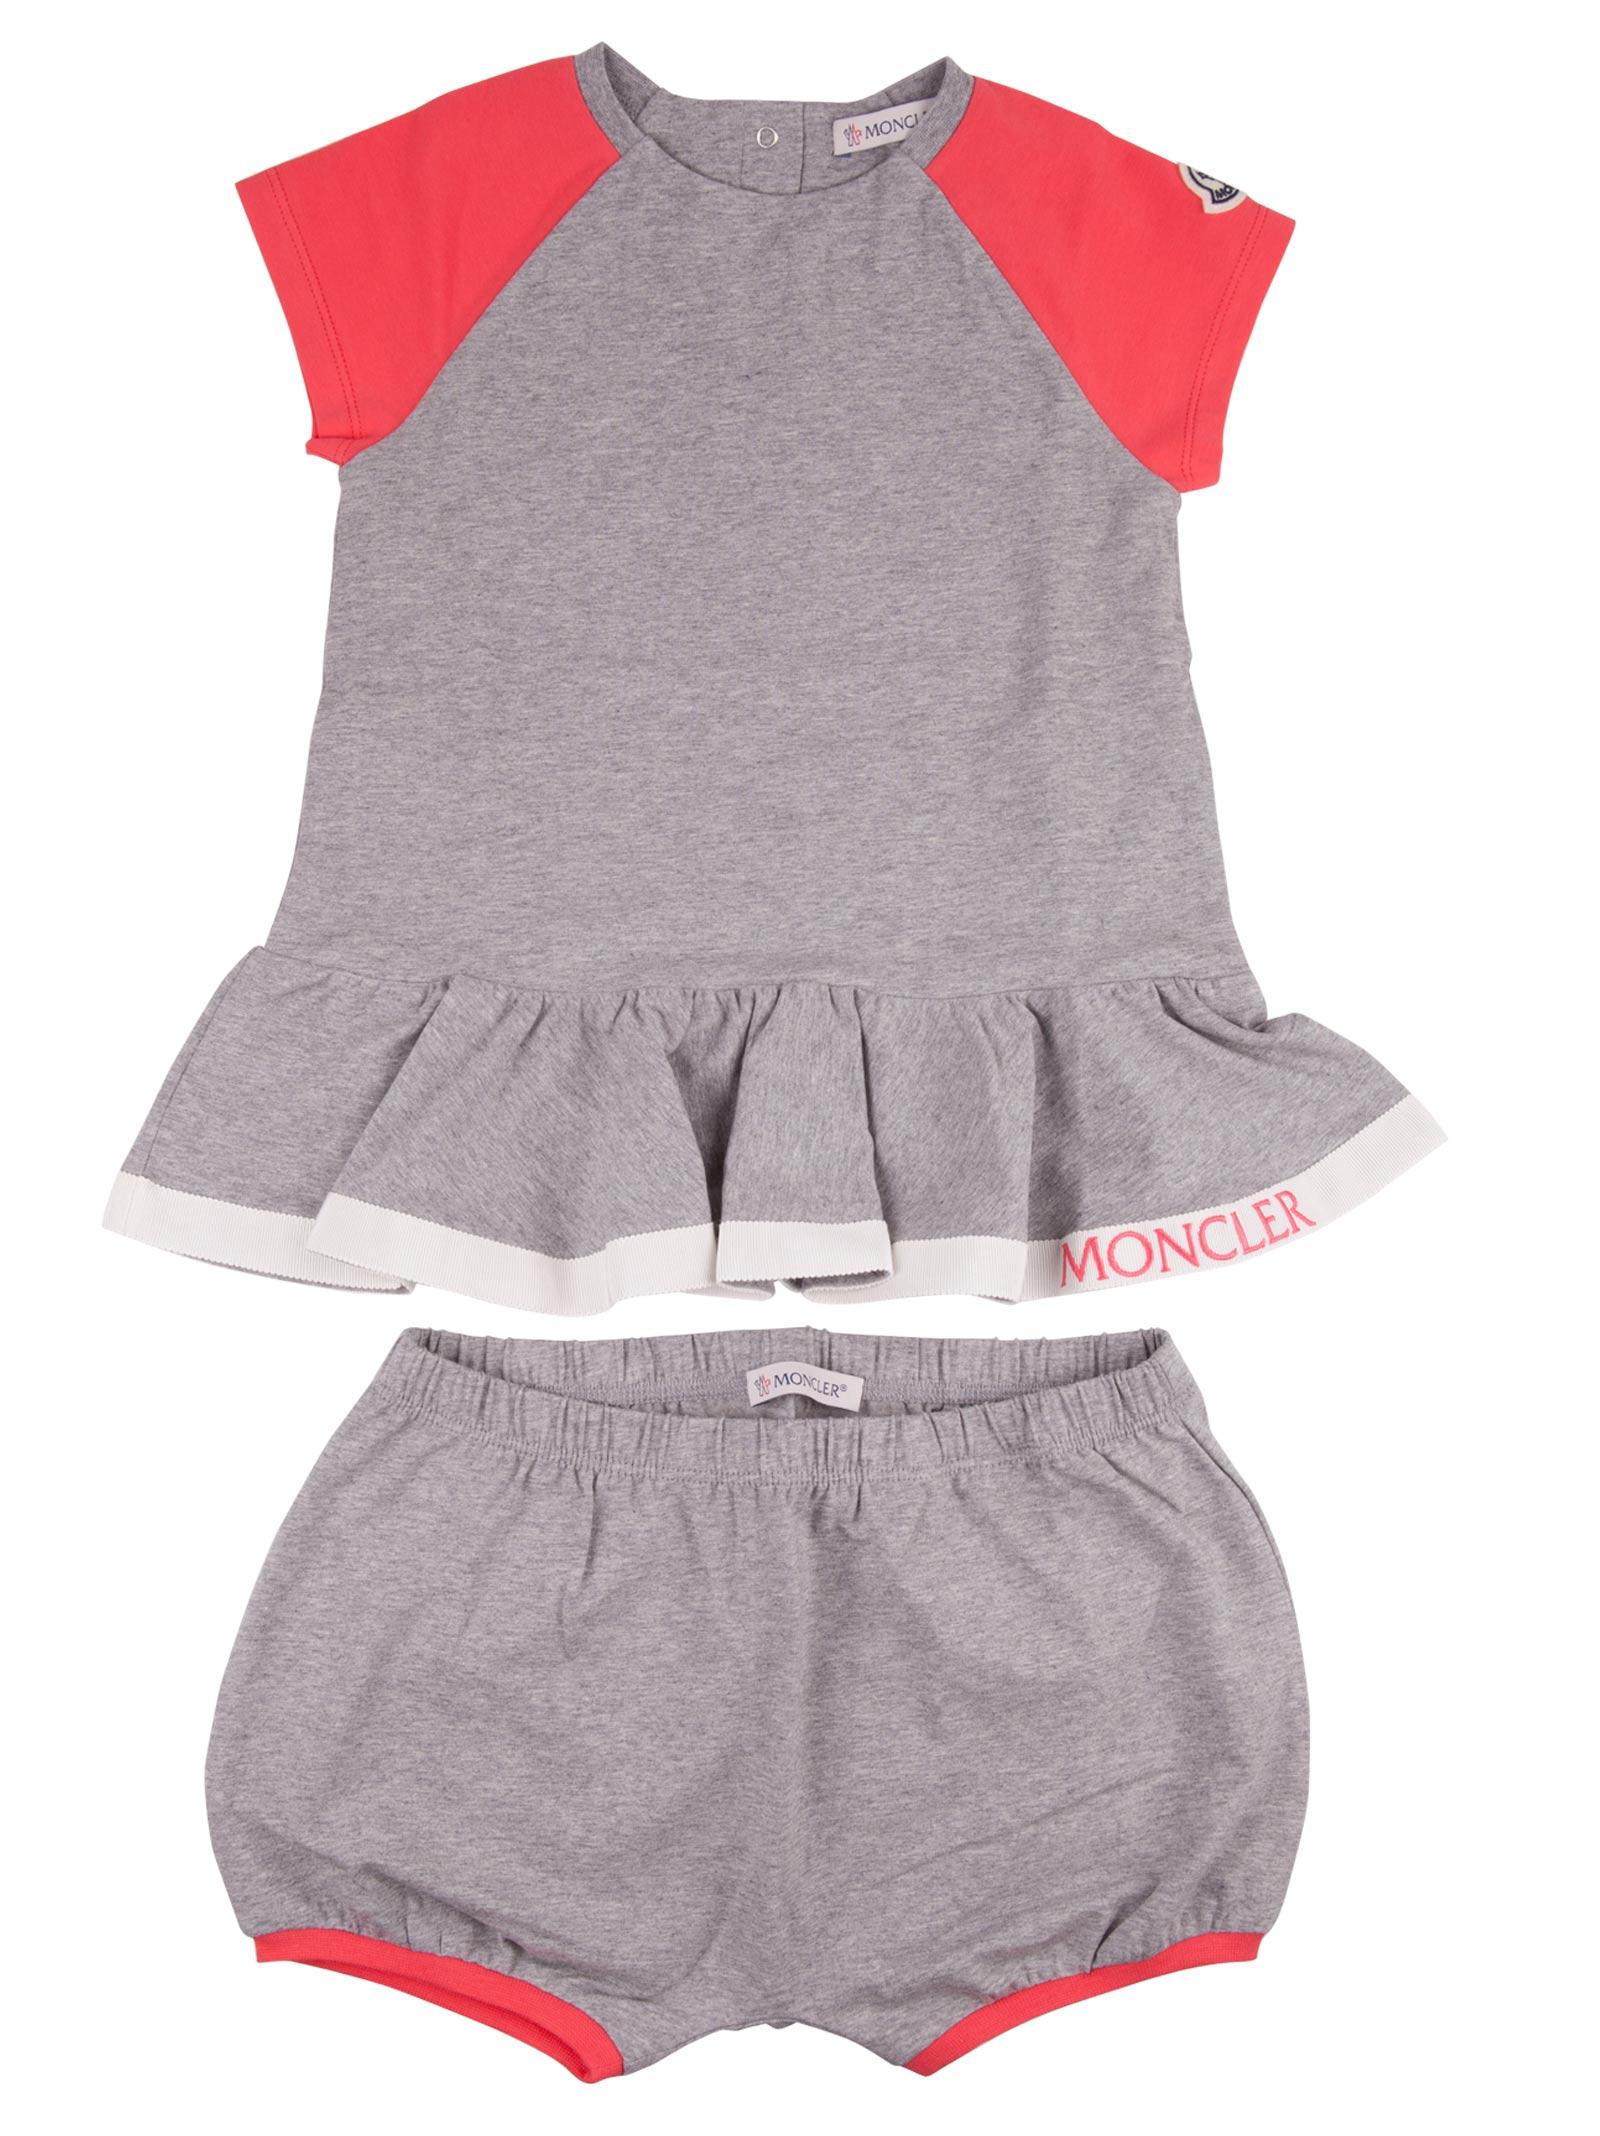 6fd1c8075783 Moncler Kids jumpsuit - Moncler Enfant - Michele Franzese Moda